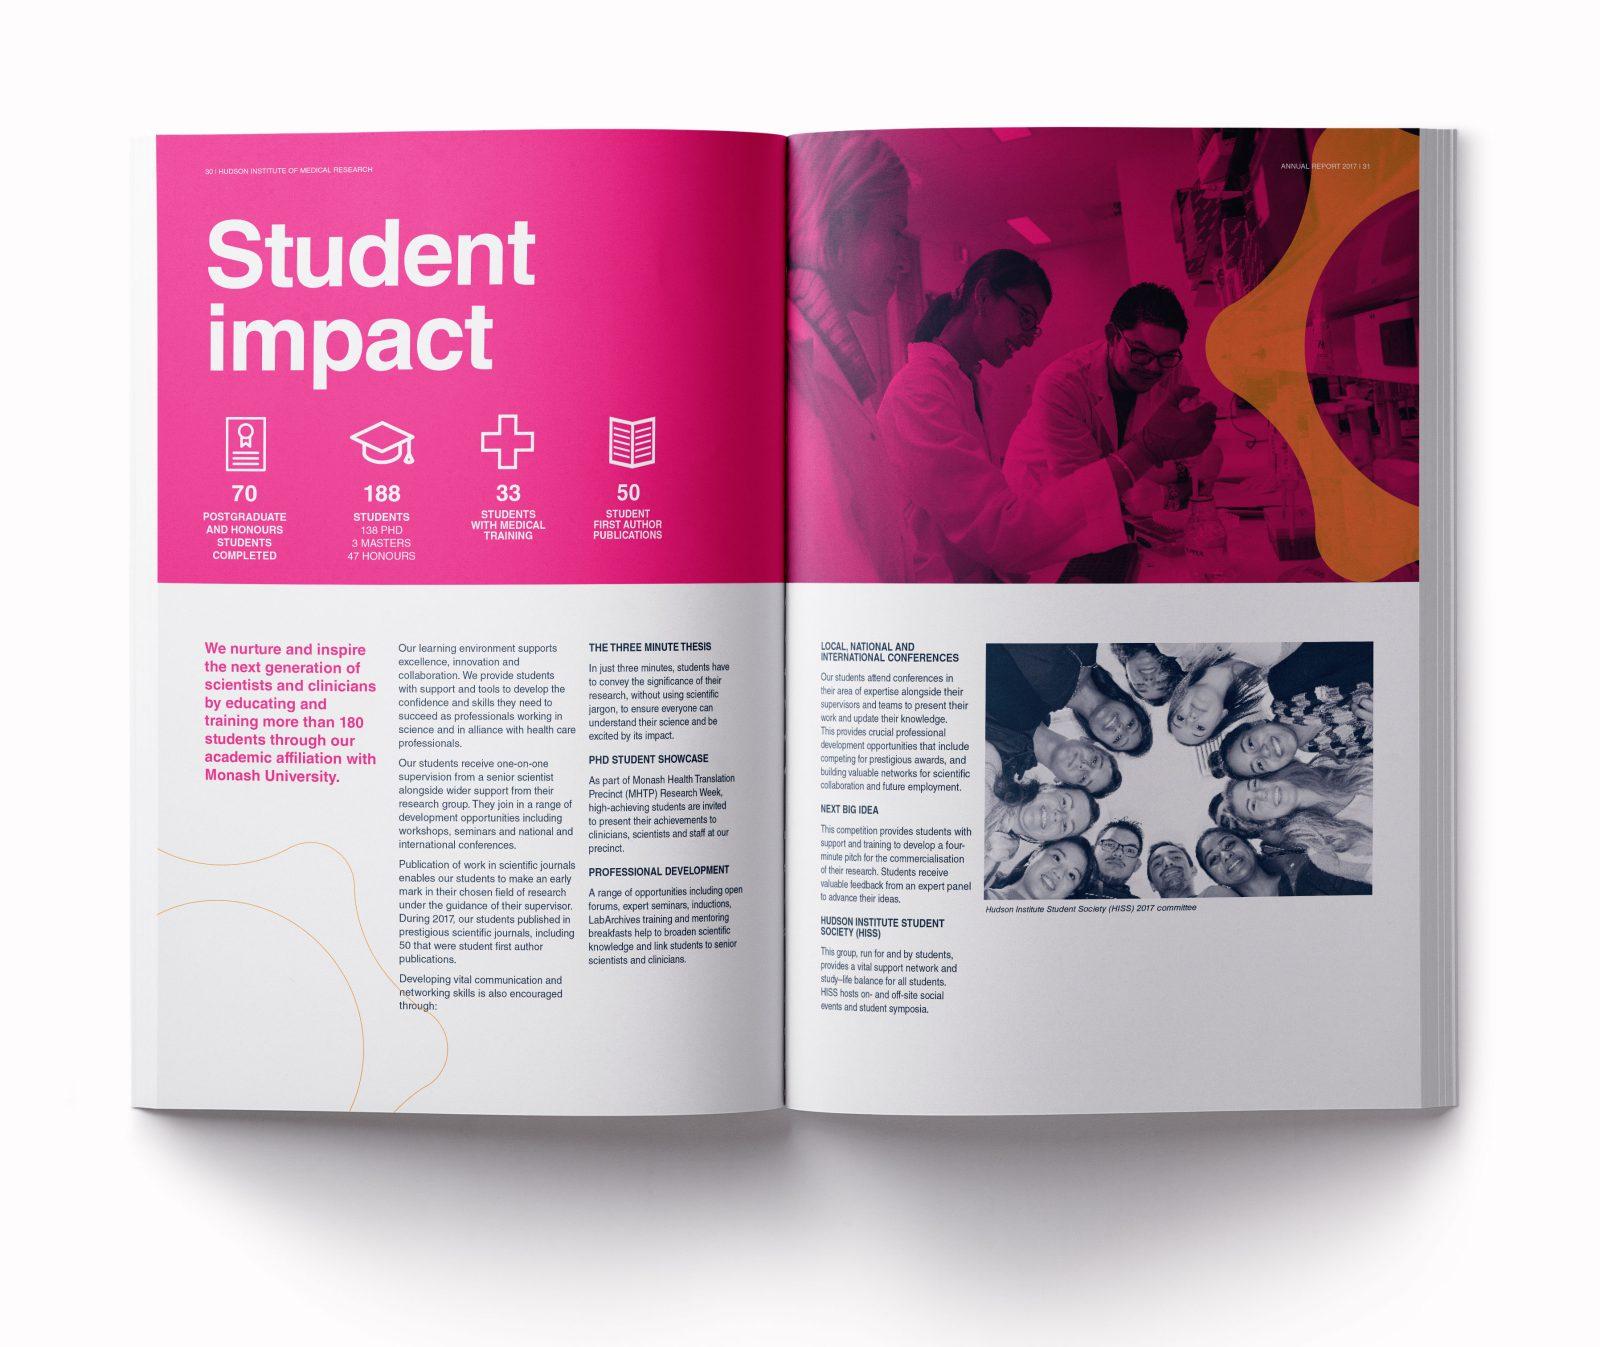 Hudson Institure annual report student impactspread